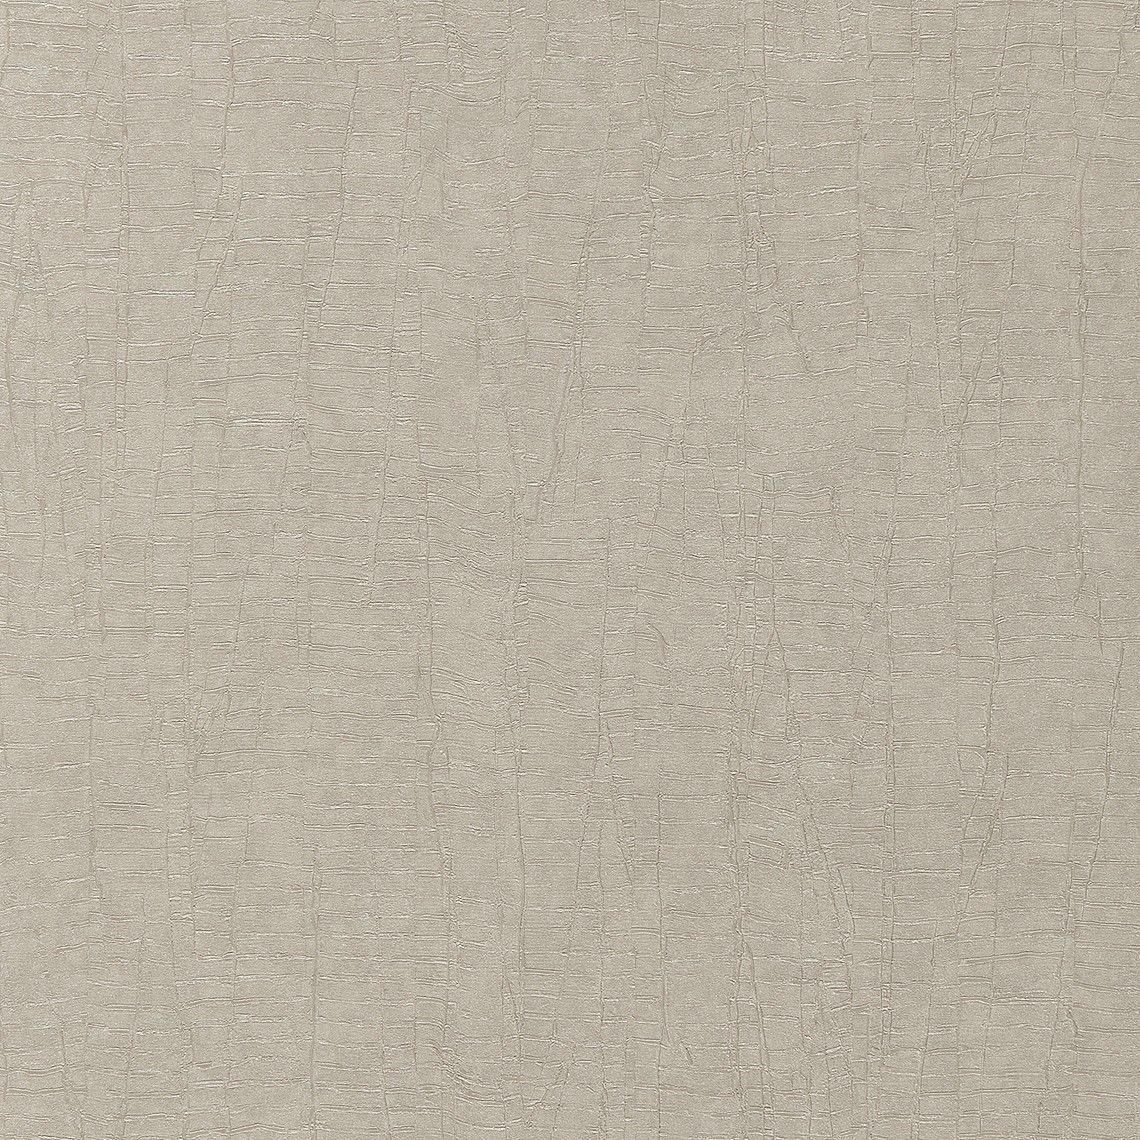 Papier peint ELISE, vinyle sur intissé uni texturé, lin | Papier ...